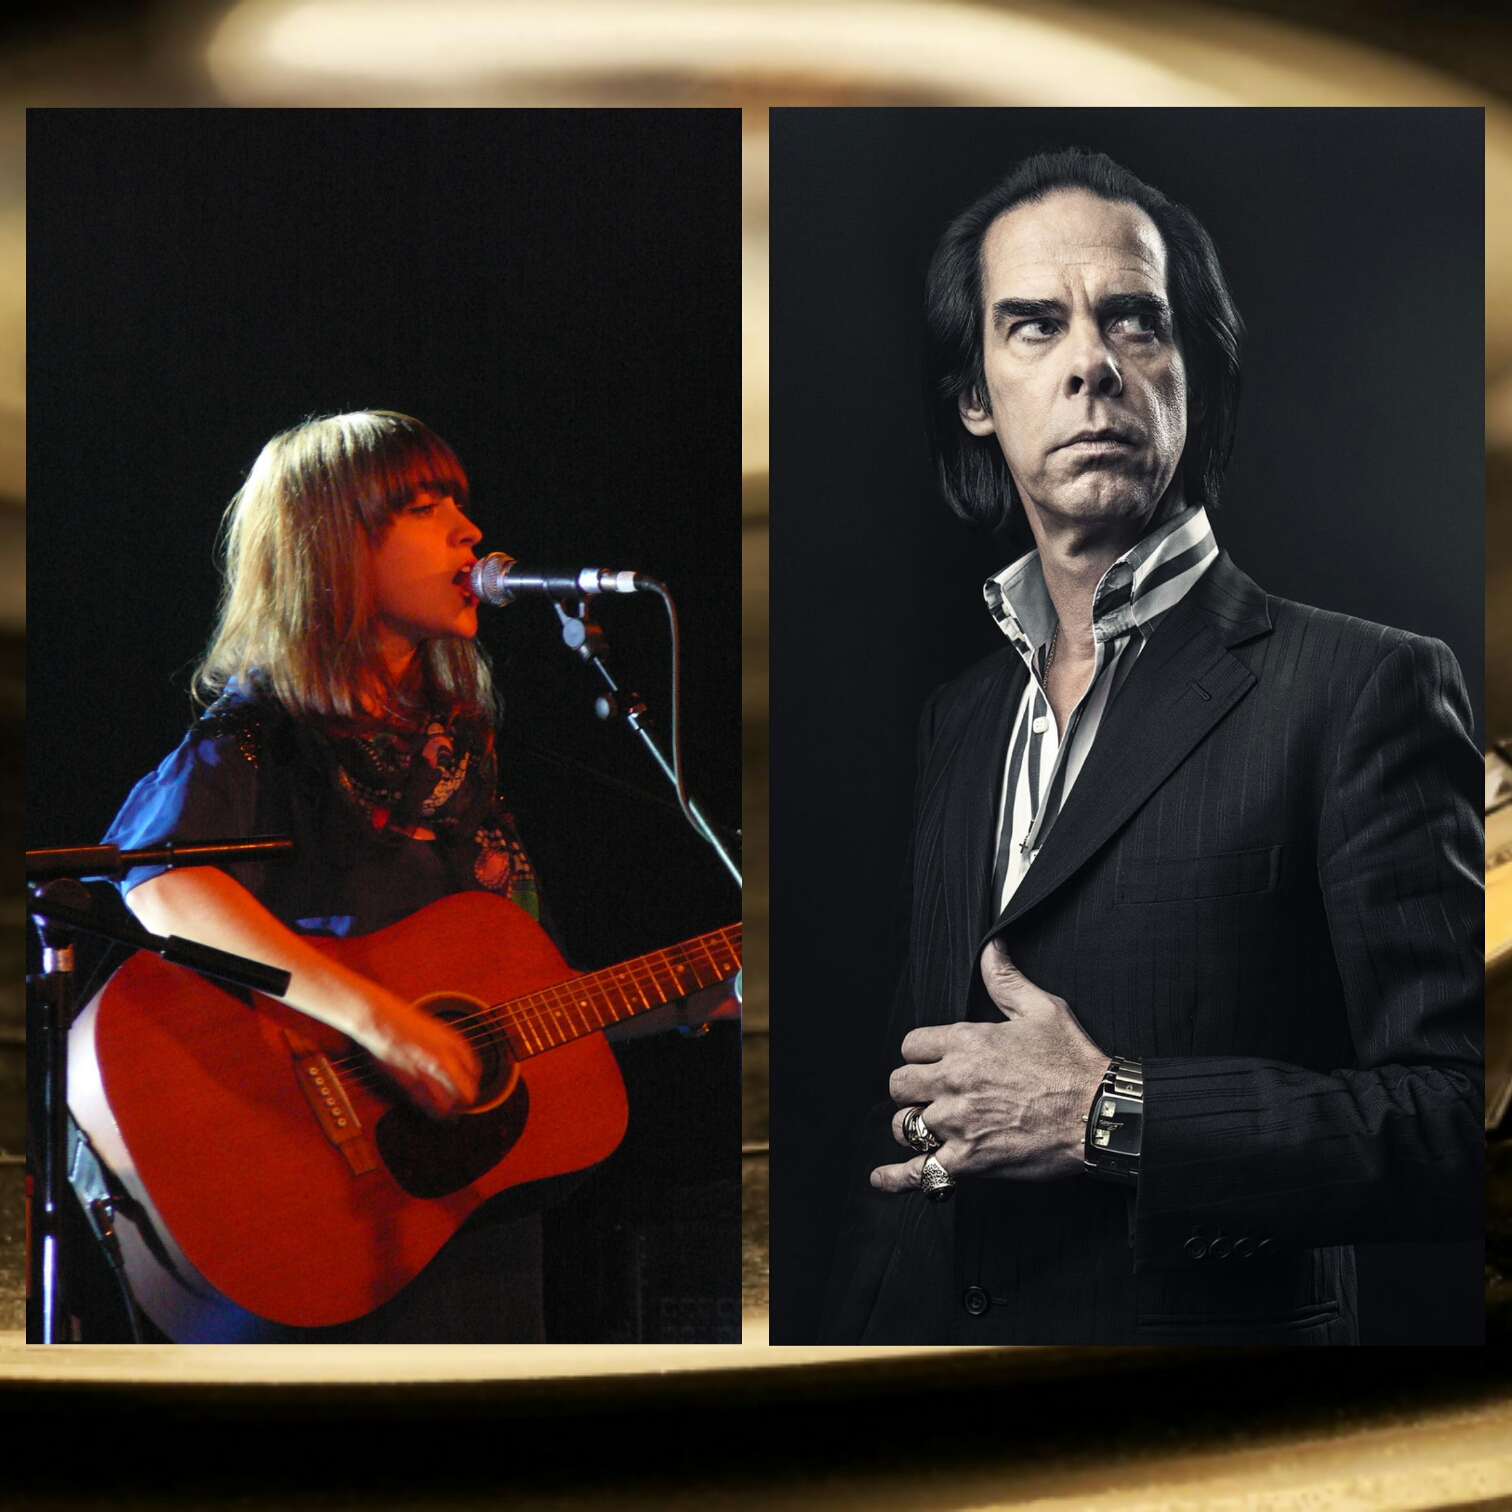 Tulsa Nick Cave 5 grandes covers traducidos #culturaquemadura